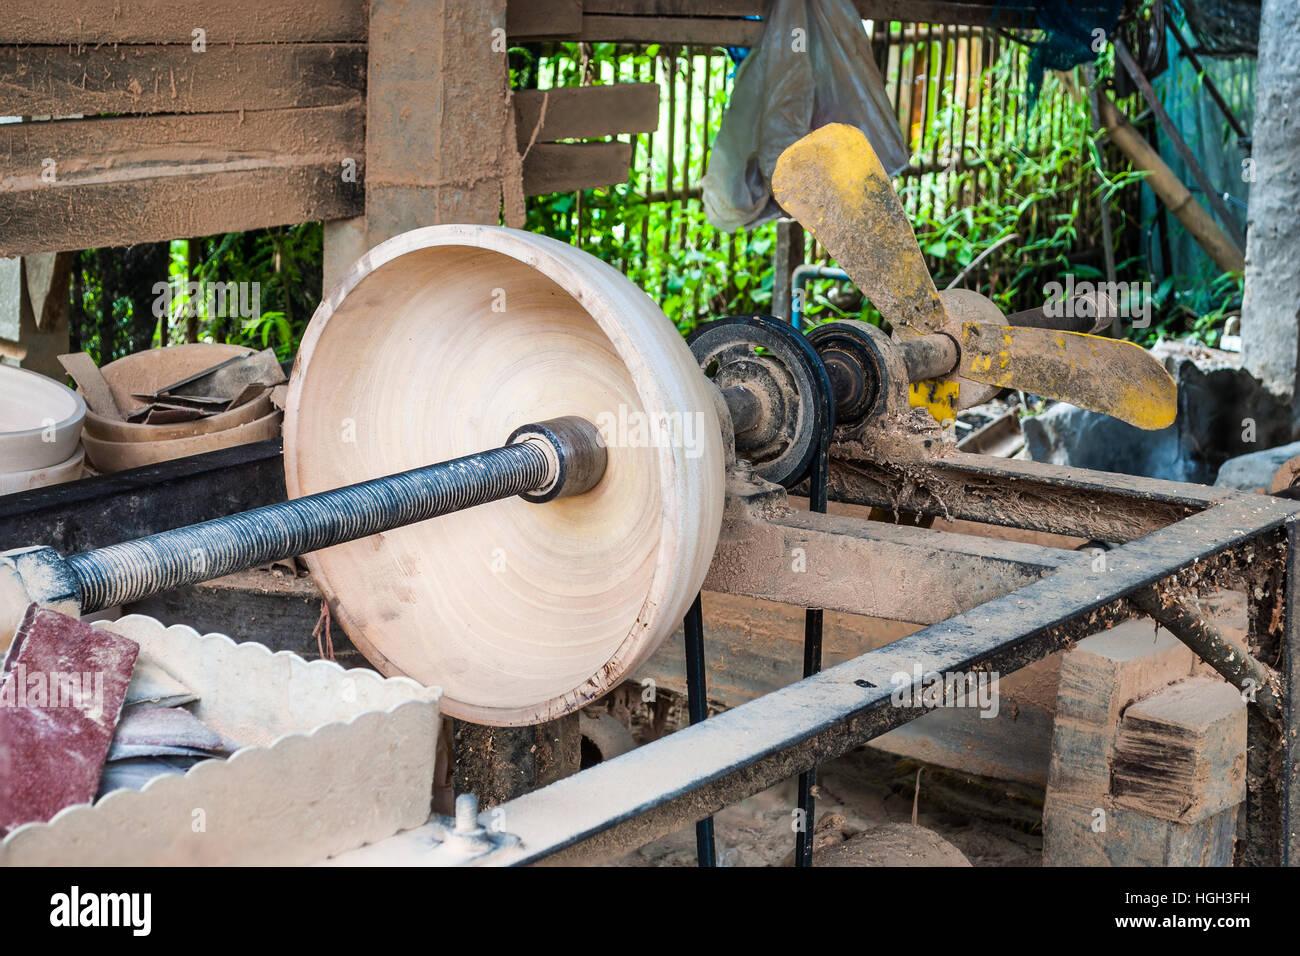 Bol En Bois En Bois Fait Maison Machine De Tour Dans La Campagne - Tour a bois fait maison